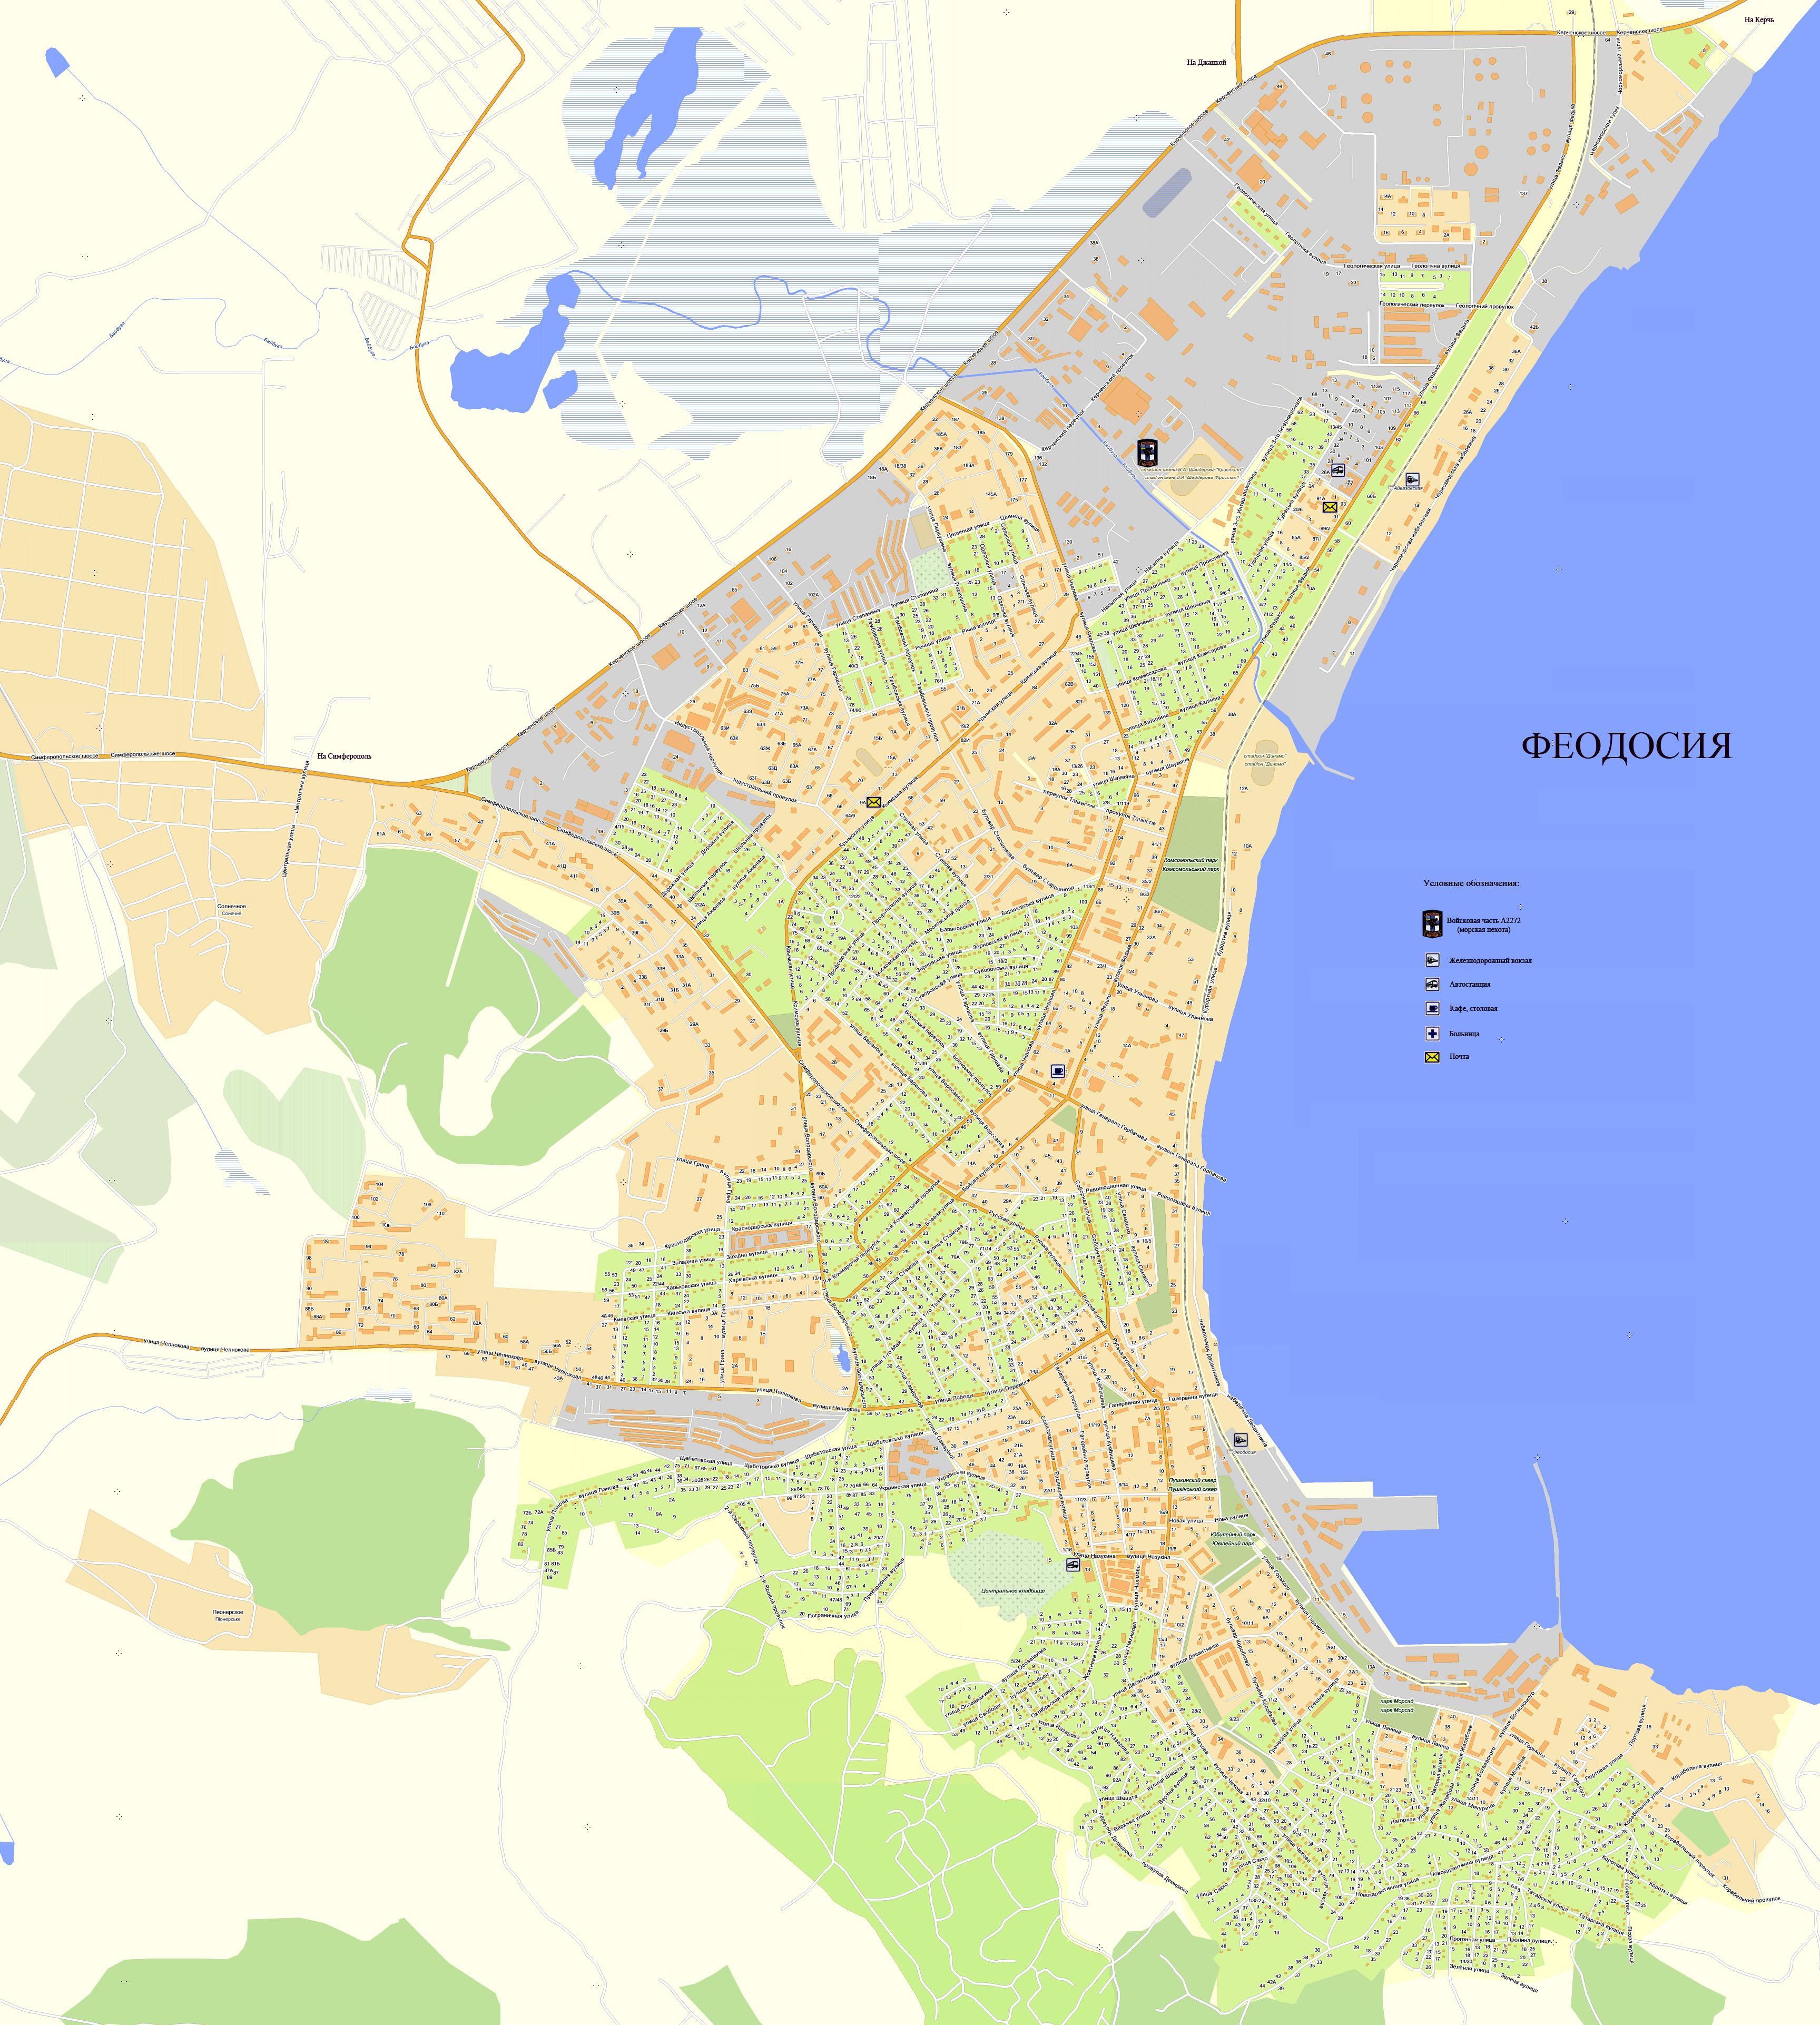 Карты феодосии | подробная карта города феодосия с улицами.